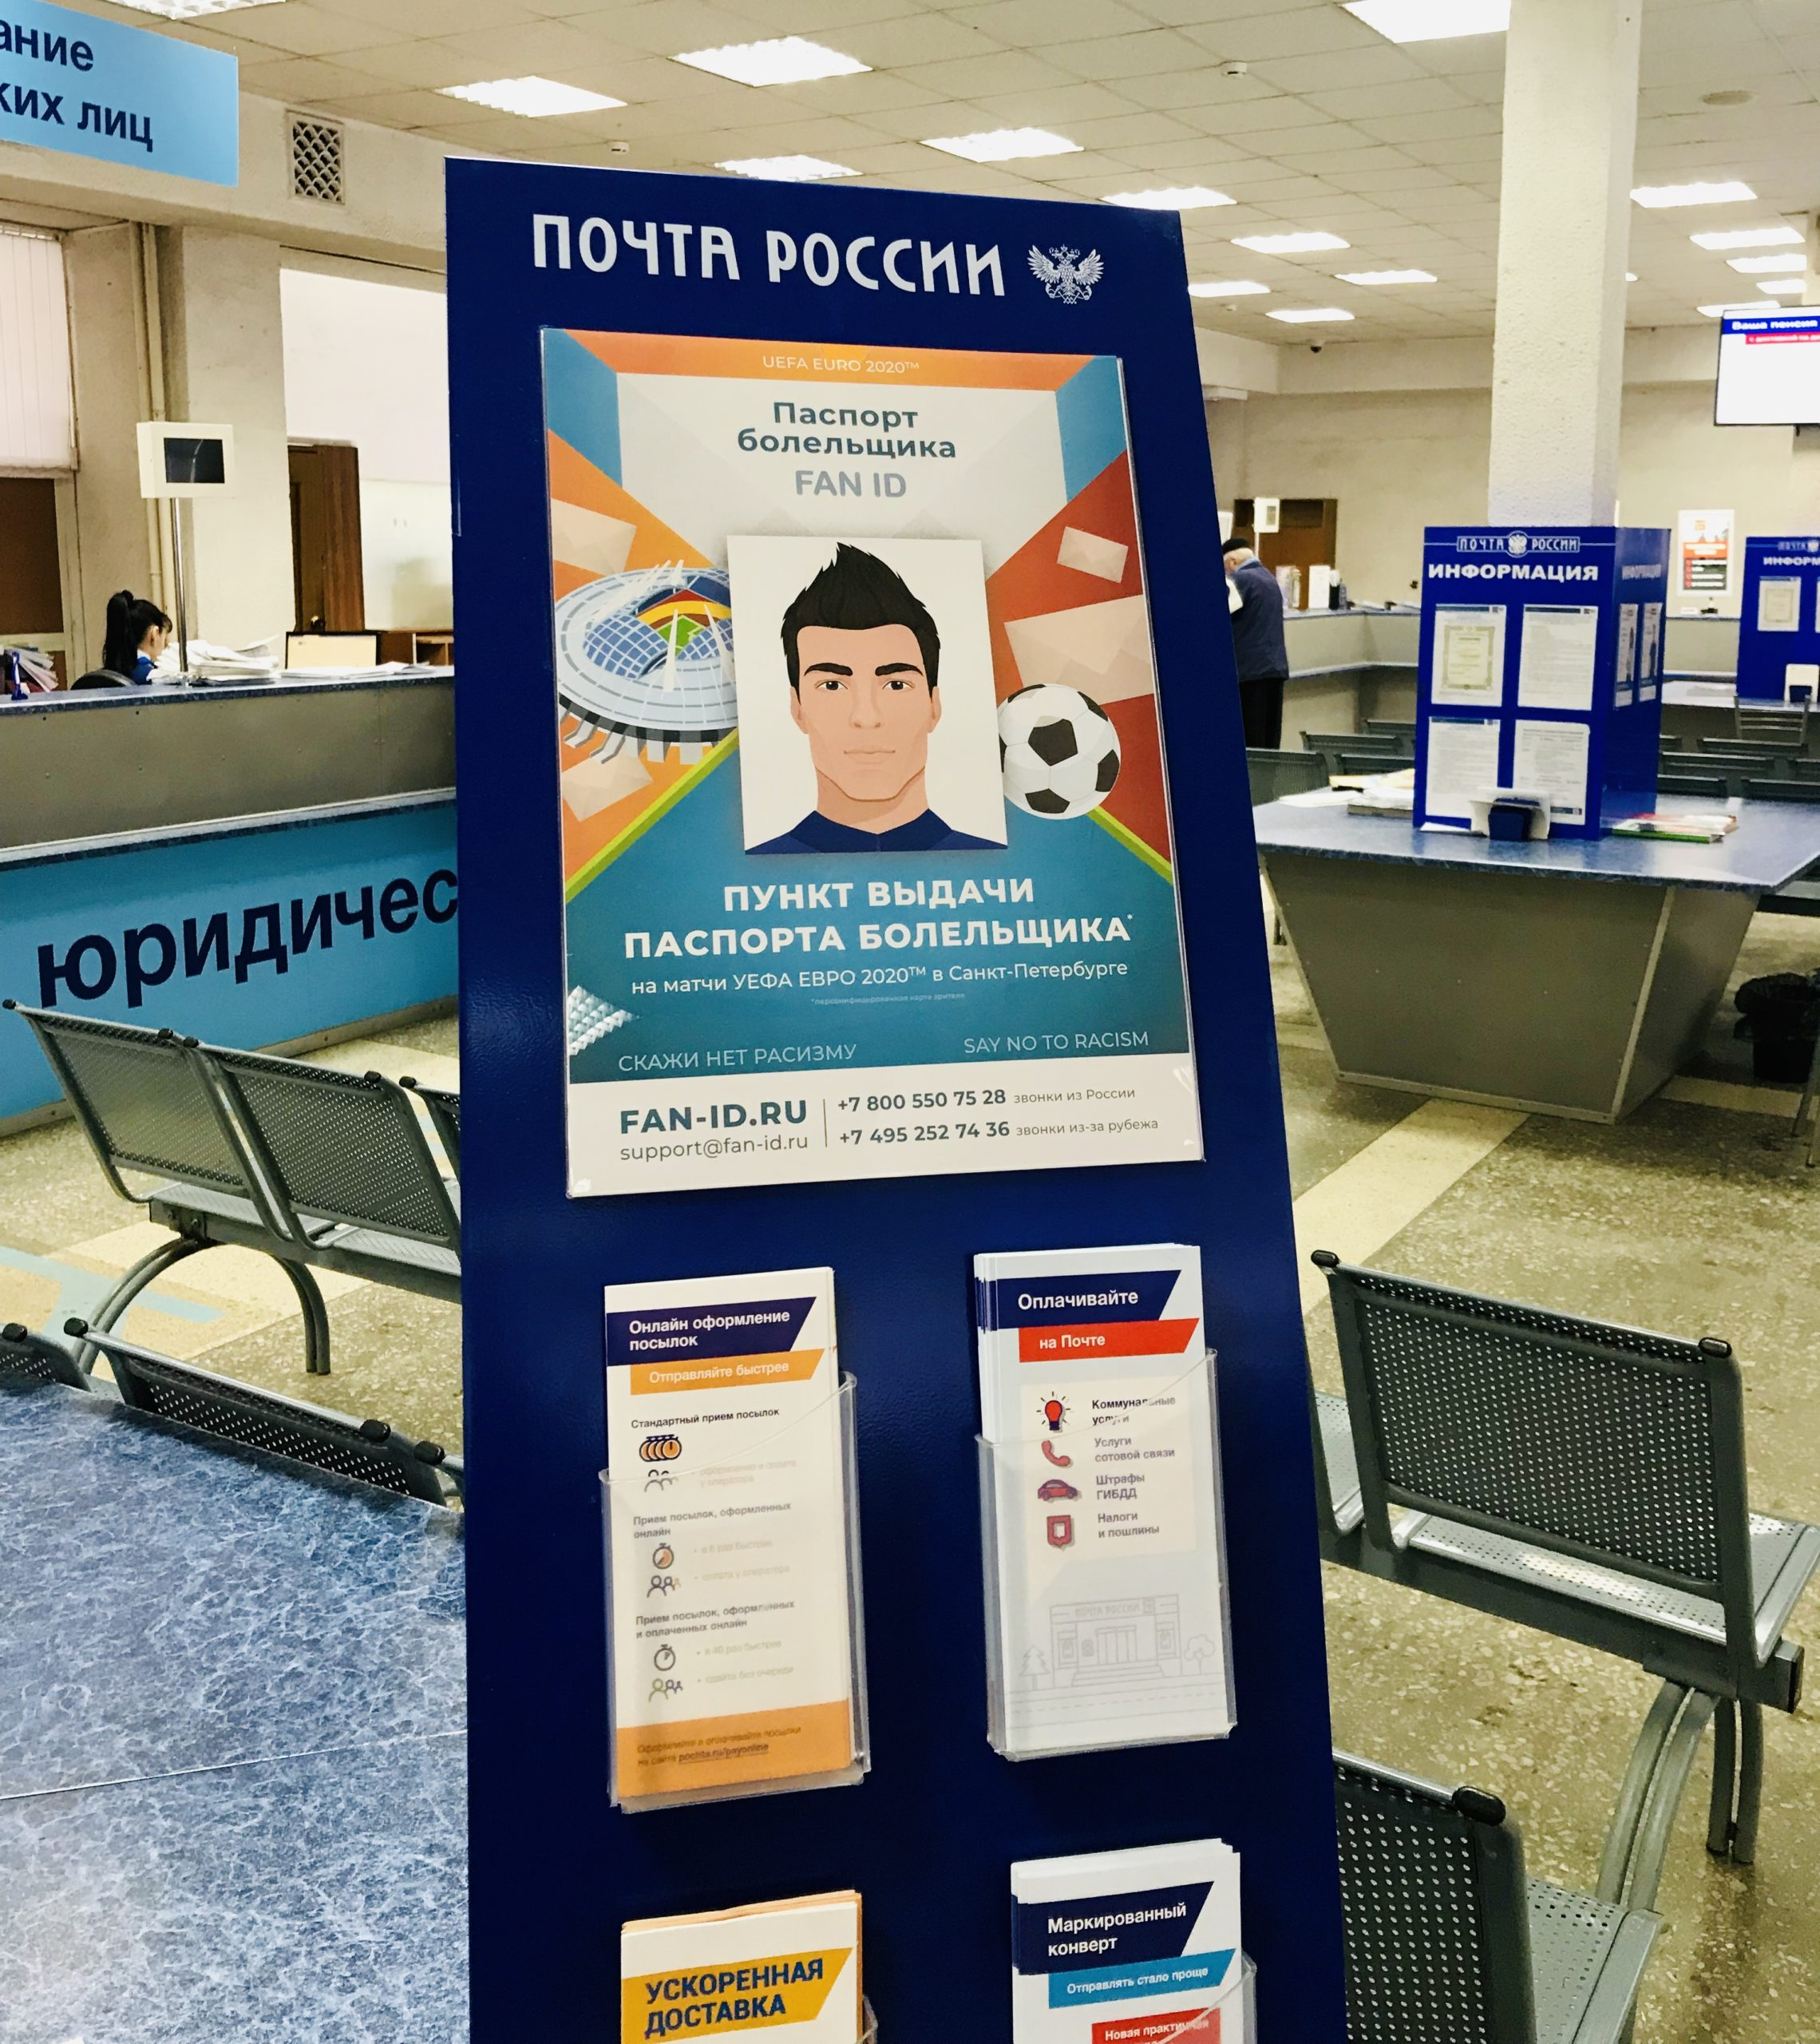 Жители Твери могут поехать в Европу по паспорту болельщика